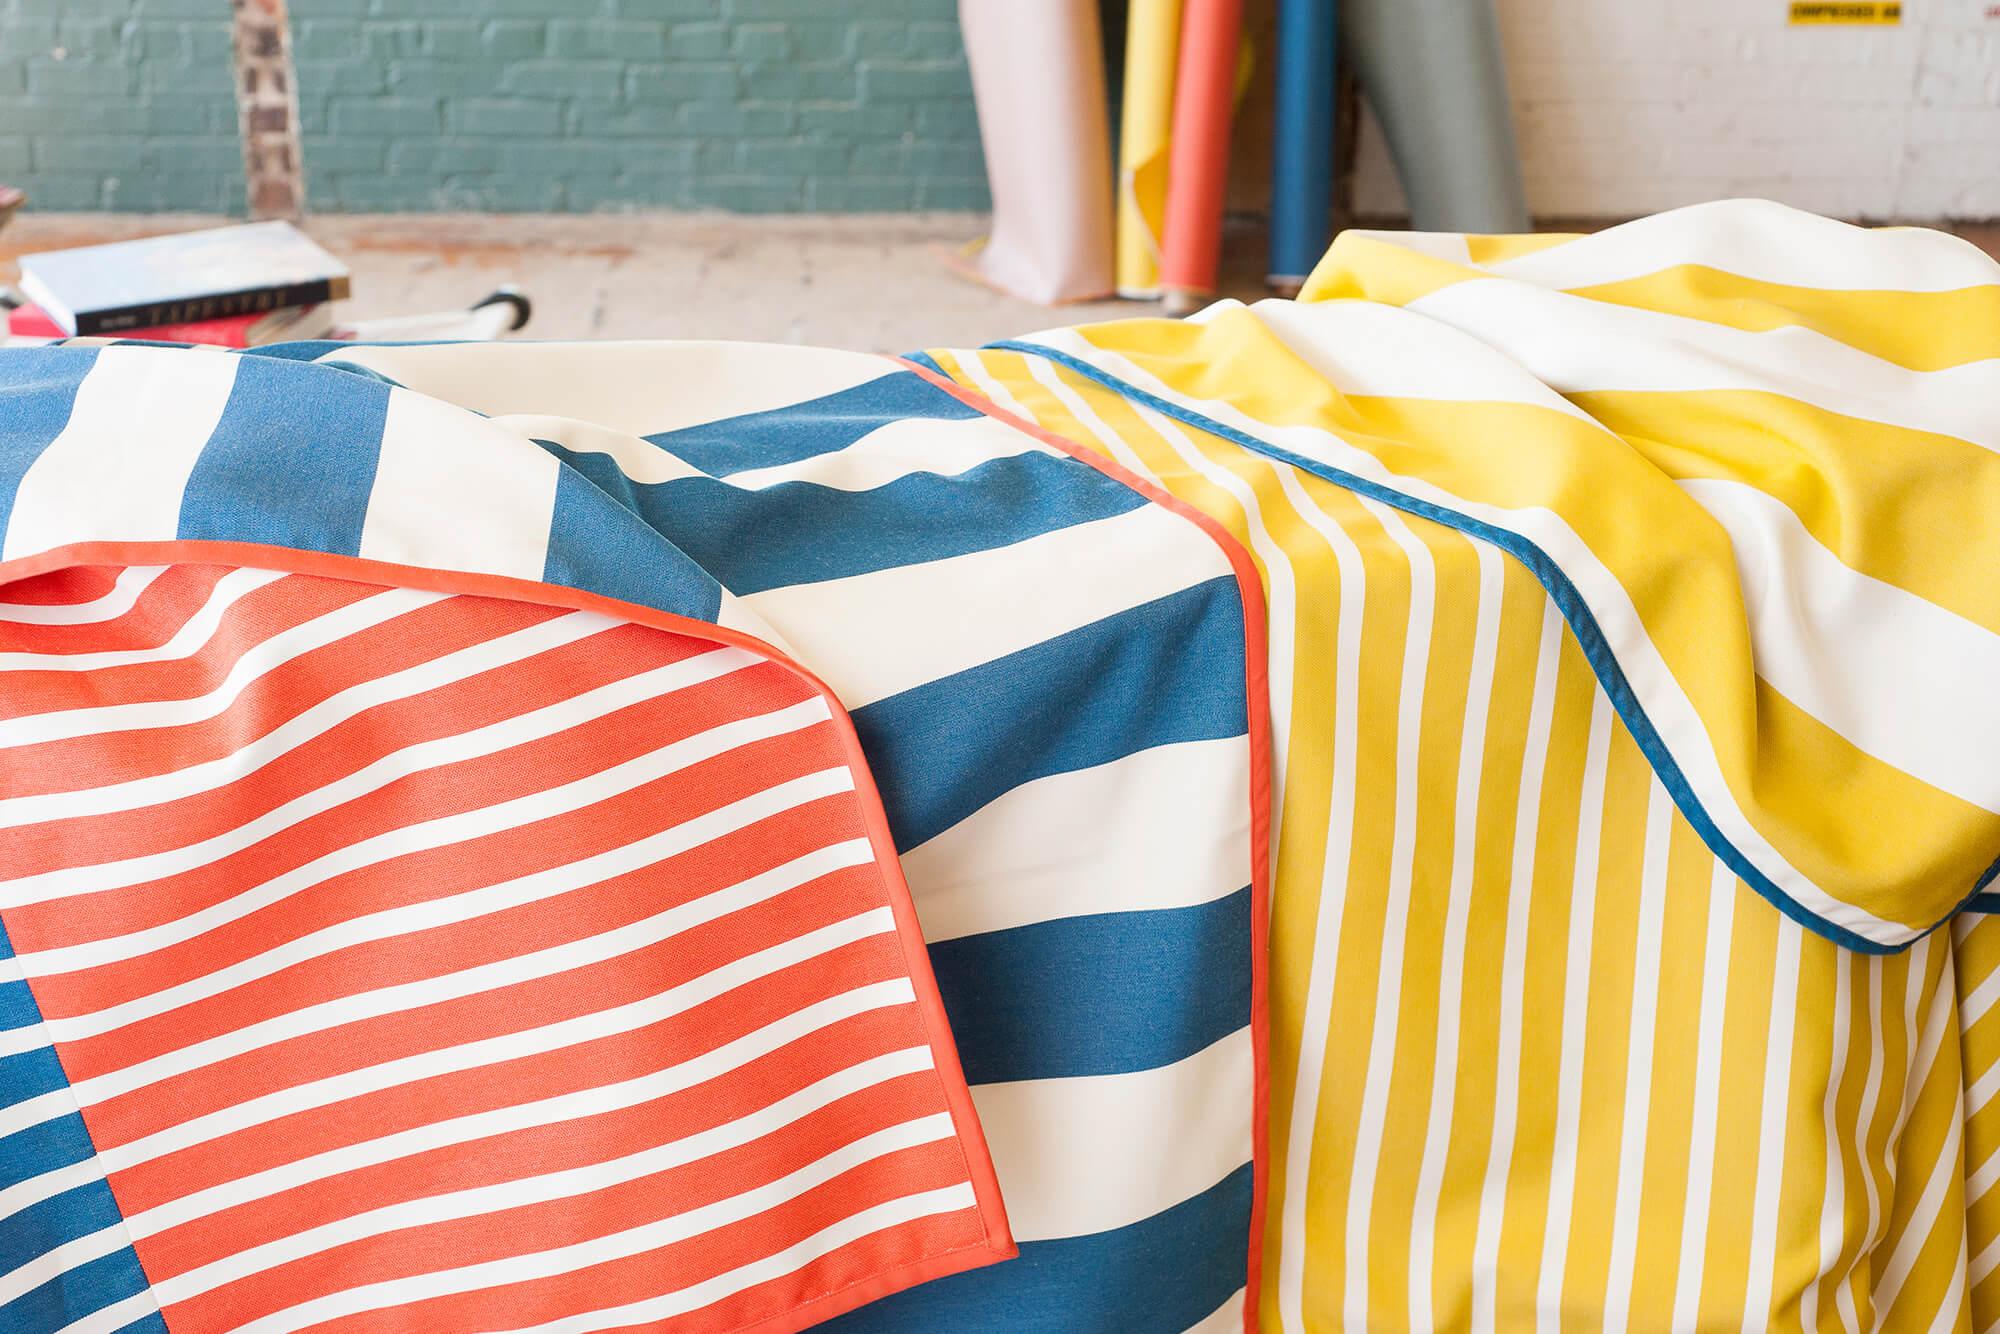 ผ้าสำหรับผ้าม่านสีเหลืองและสีขาวสว่าง สีฟ้าและขาวลายทาง และสีแดงและขาวลายทาง